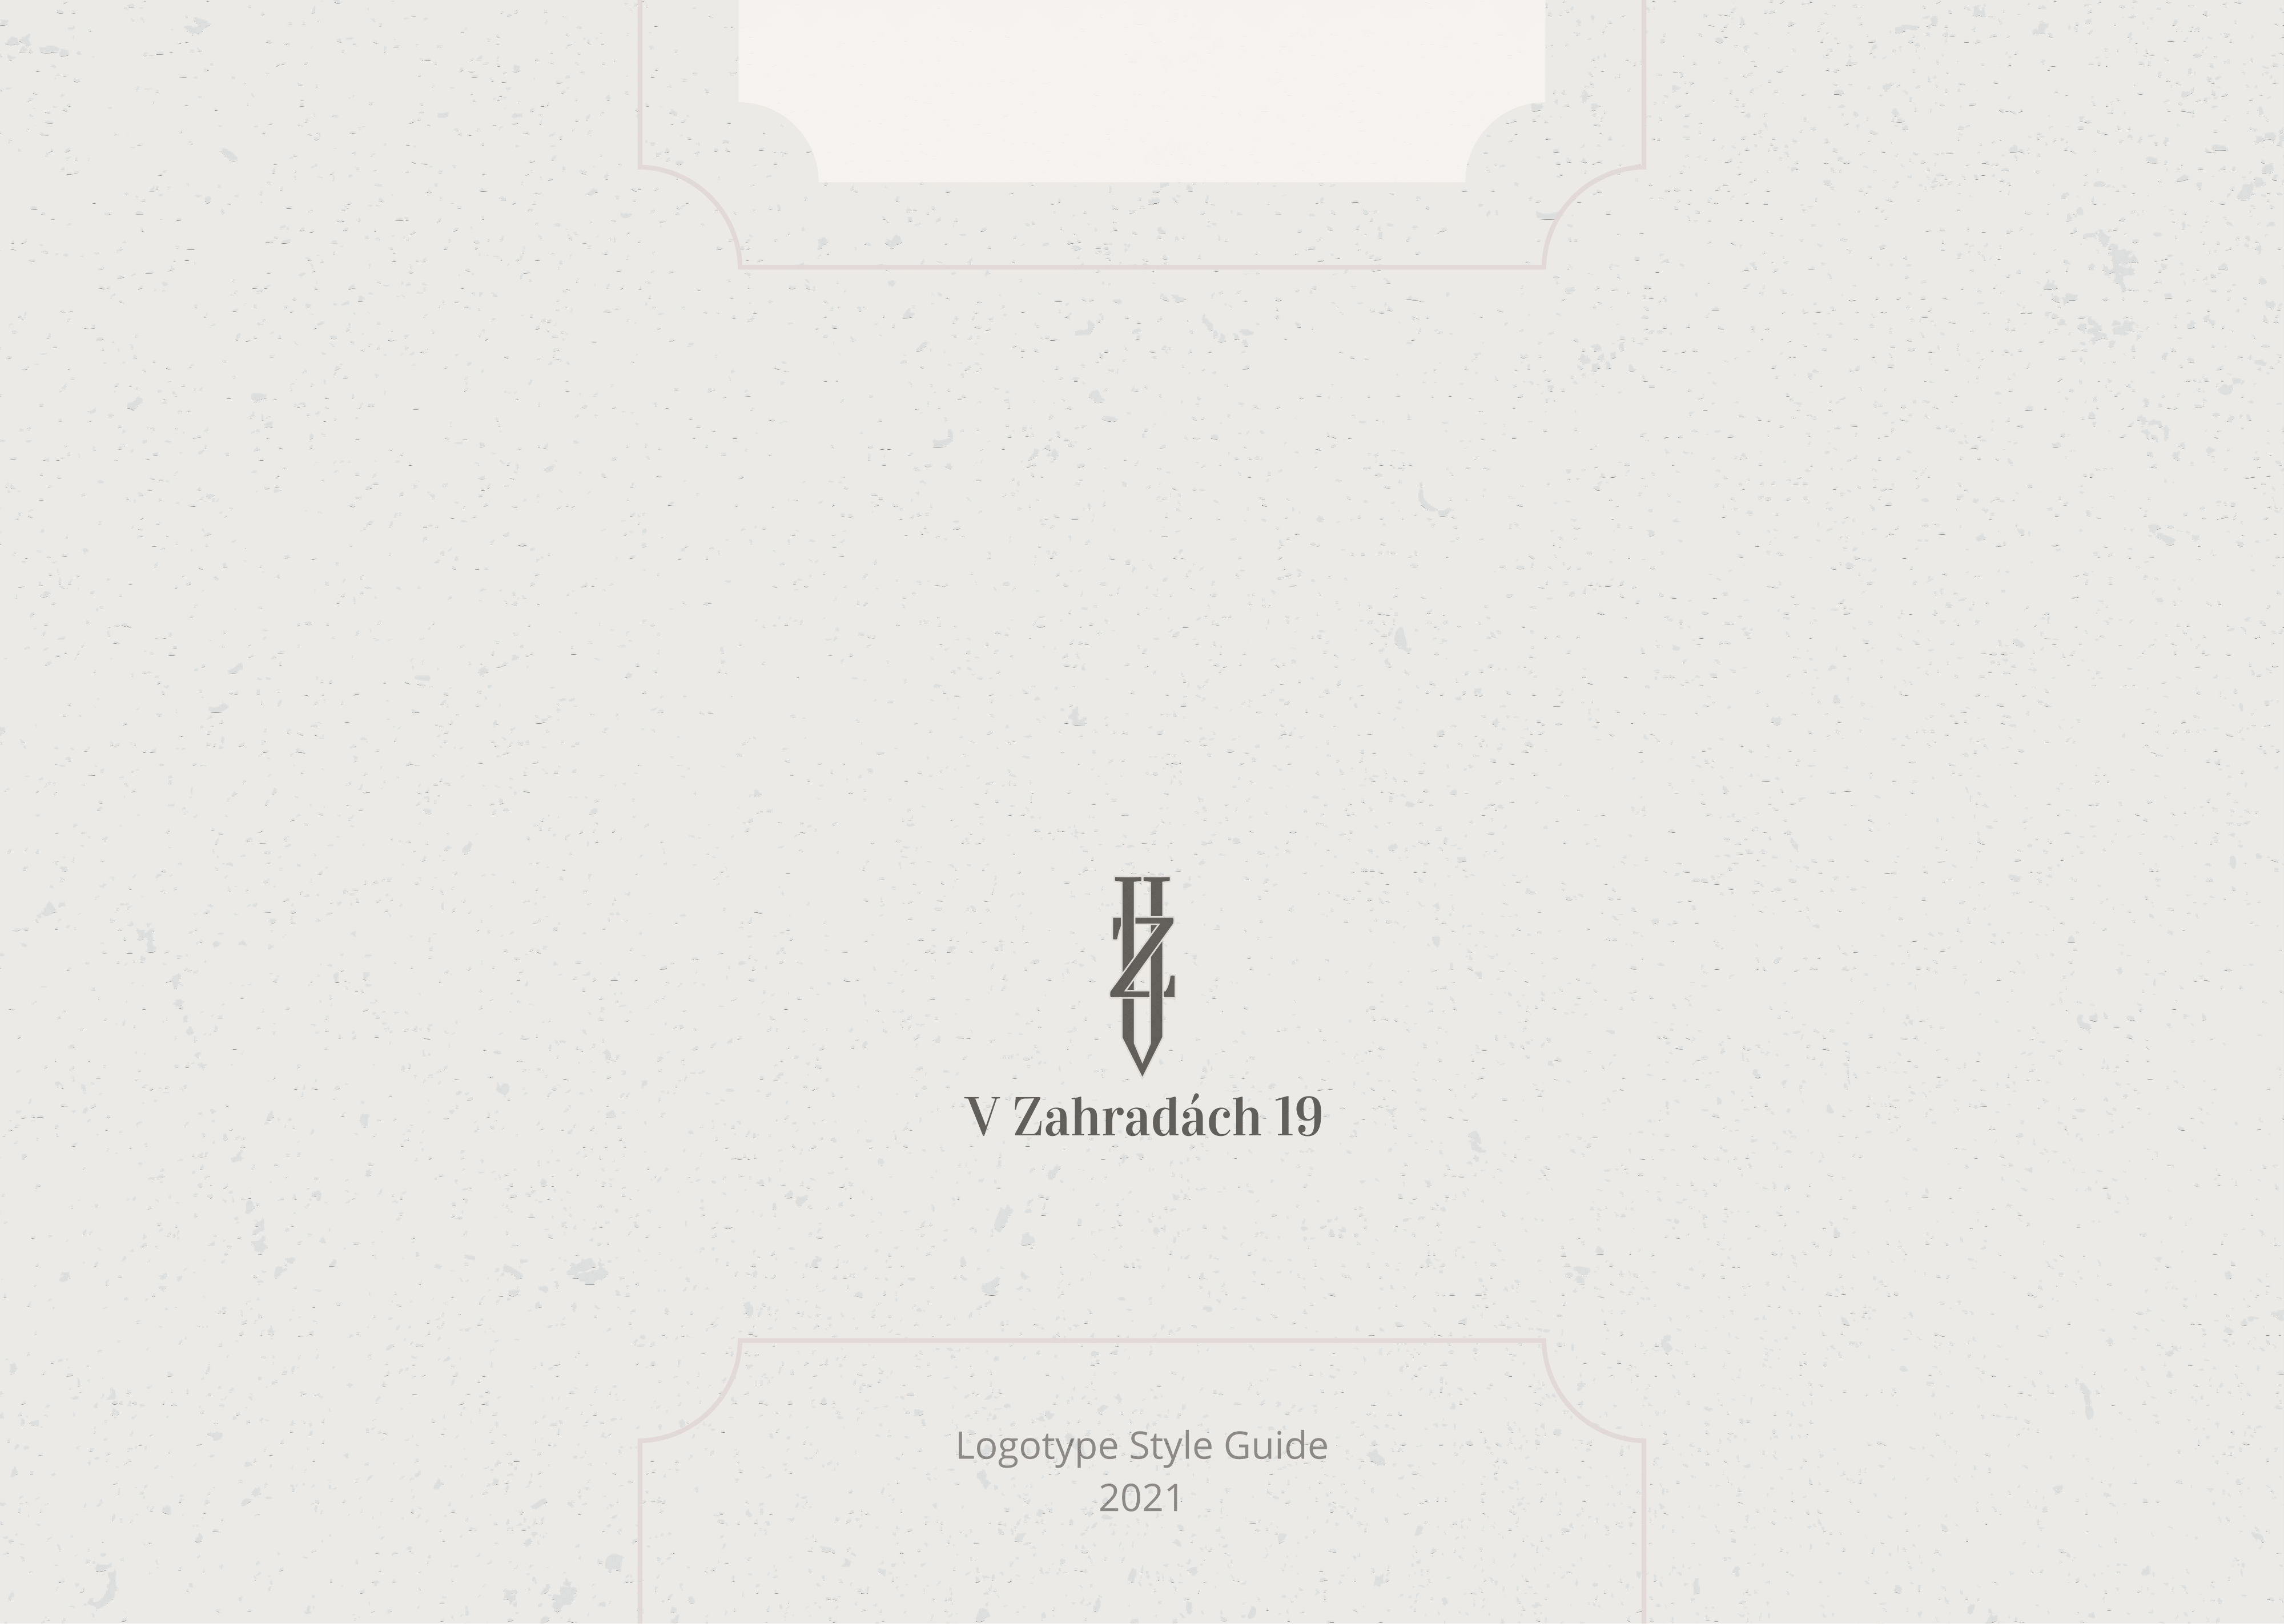 V_Zahradach_19_(Logobook)_2021-20